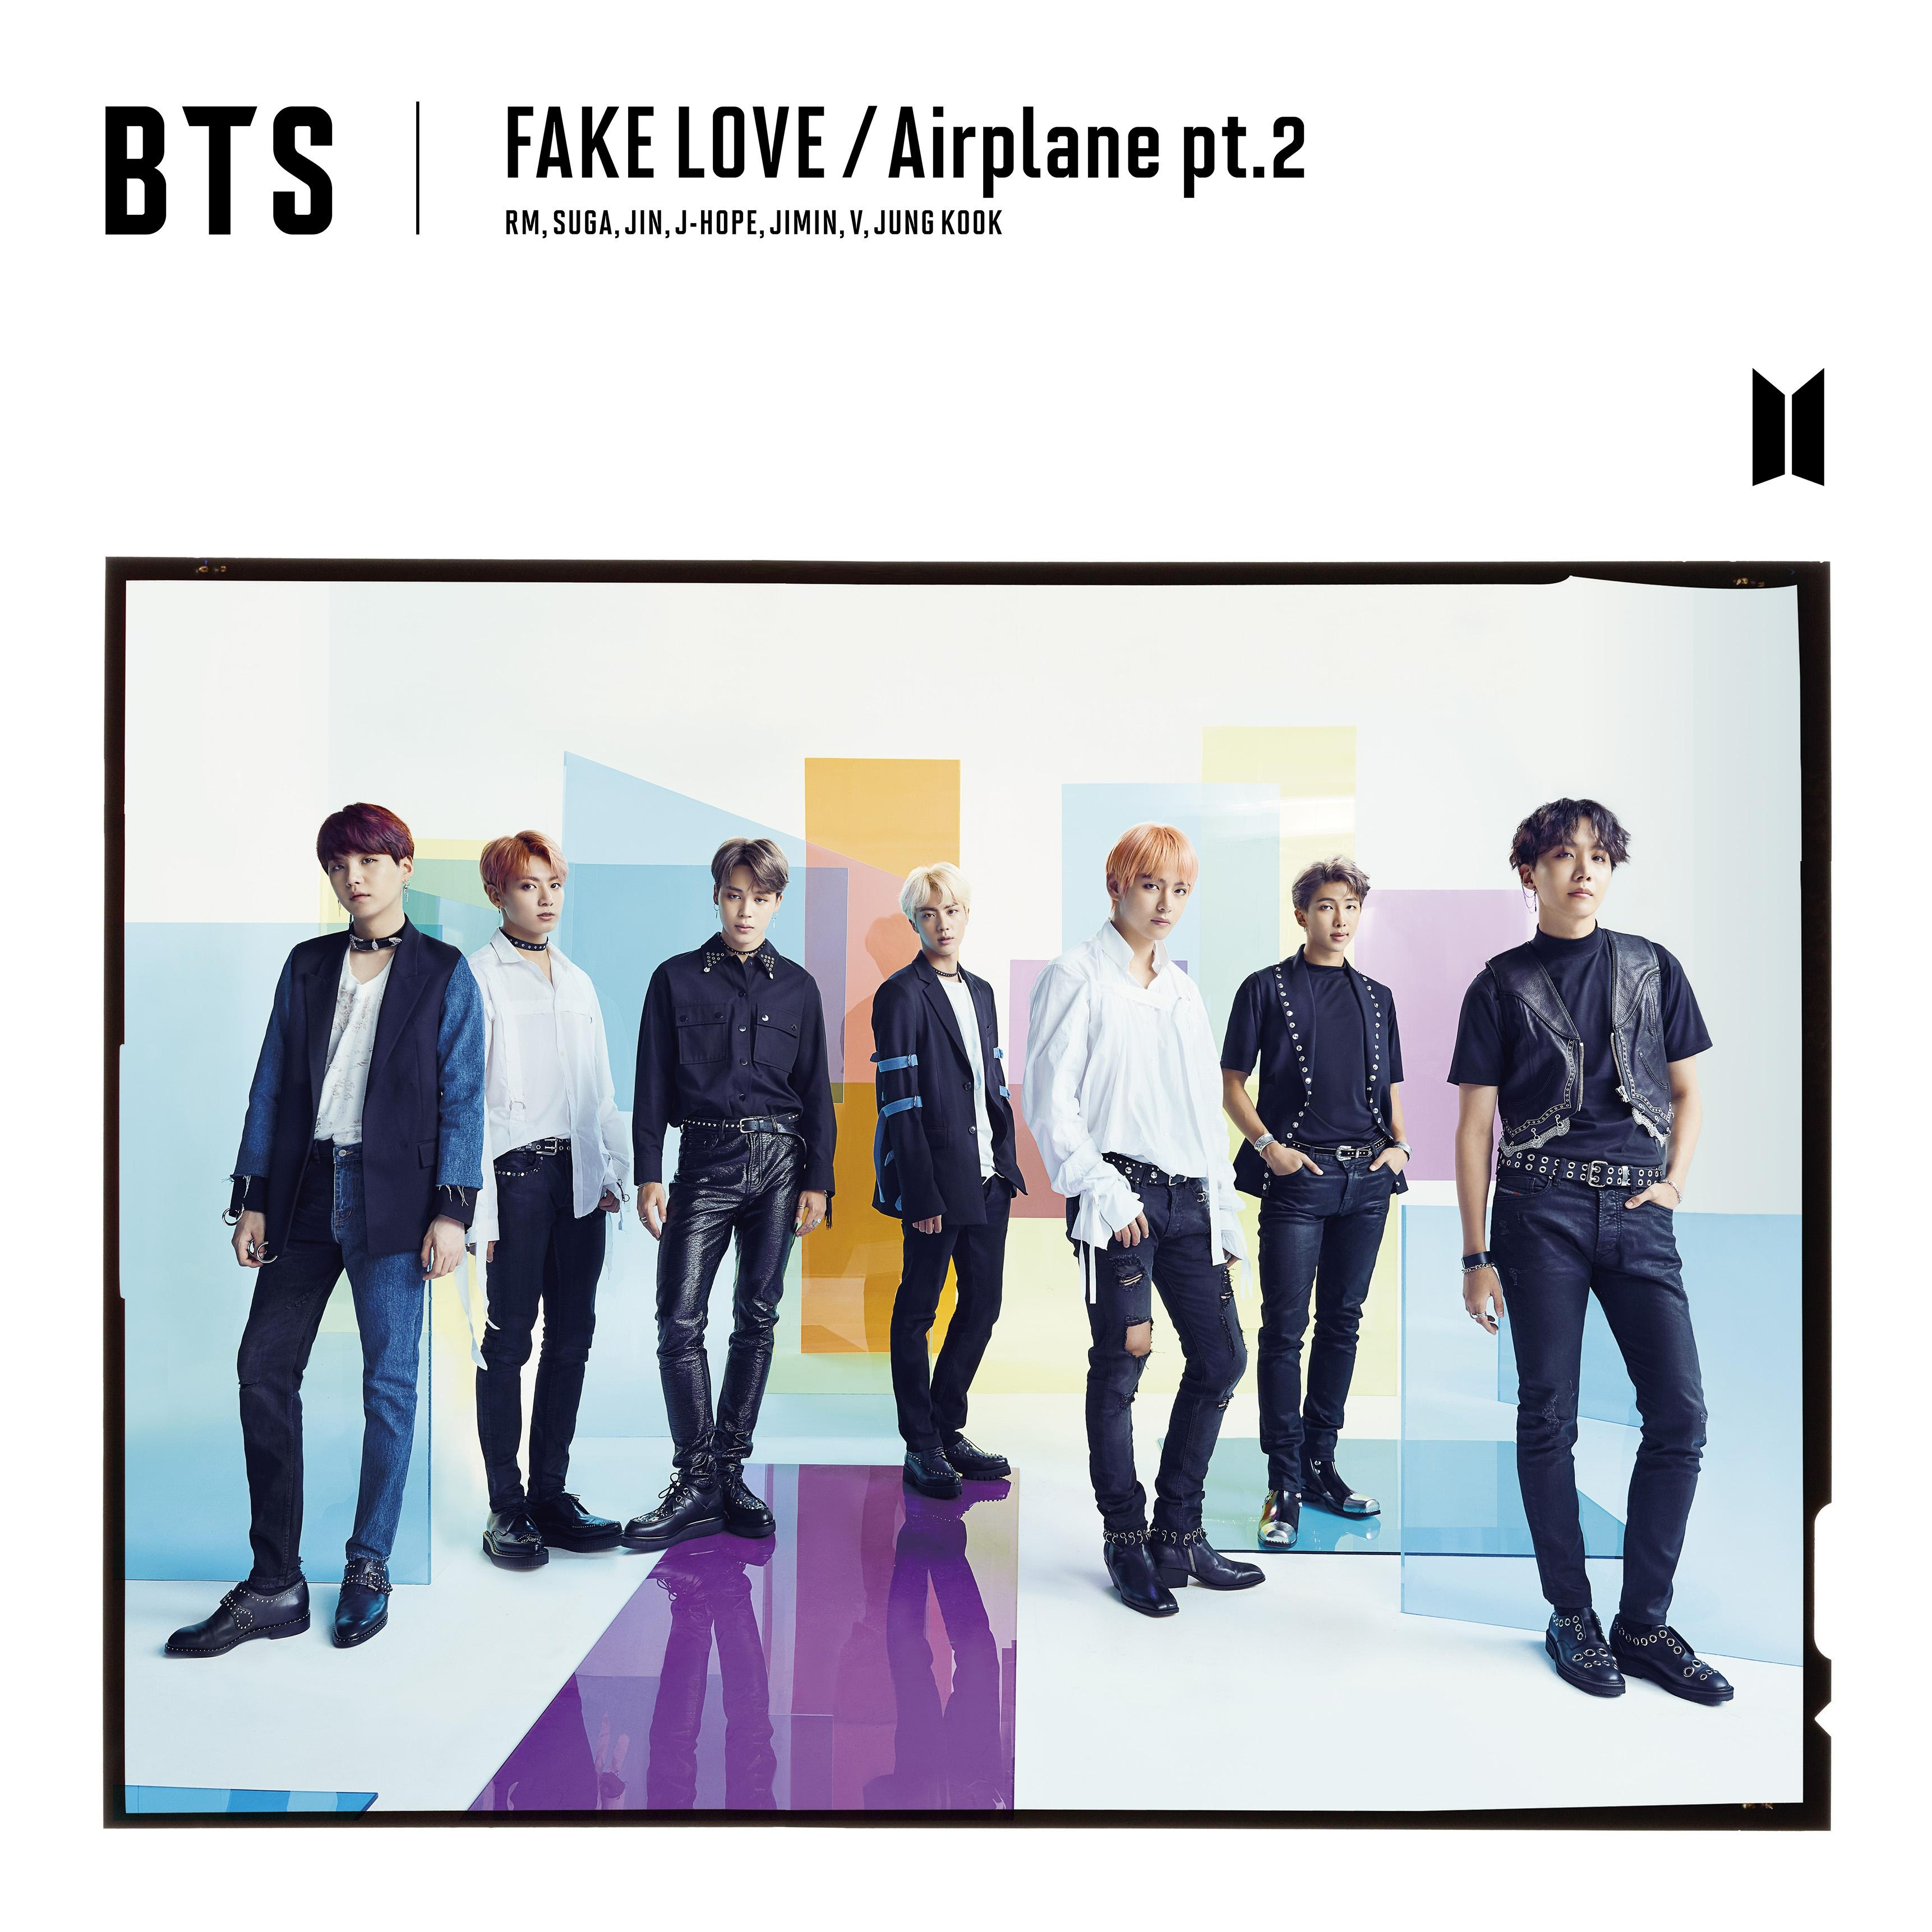 Fake Love Airplane Pt 2 Bts Wiki Fandom